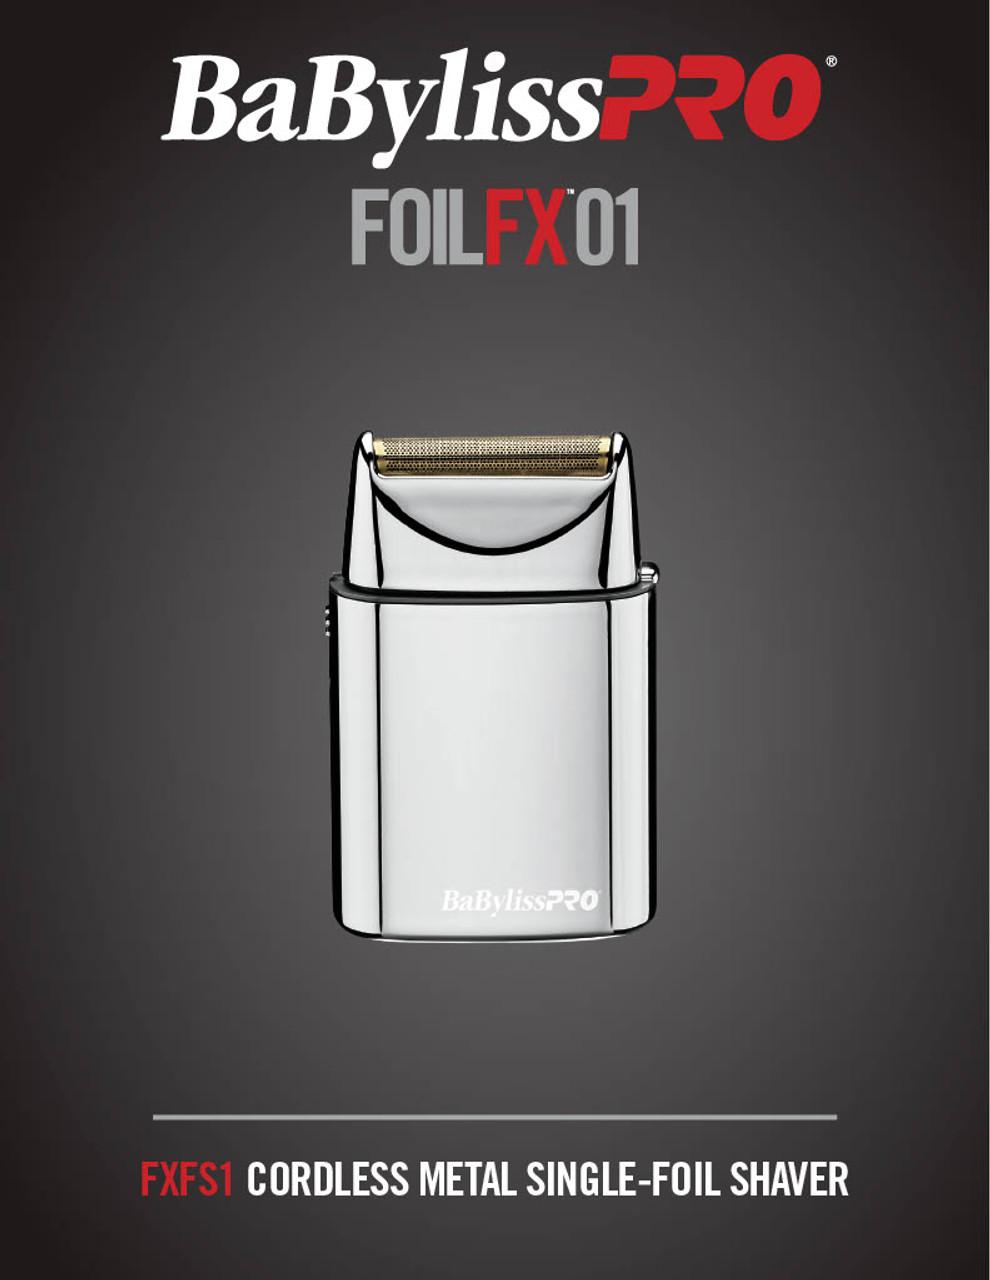 BabylissPro Foil FX01 Shaver